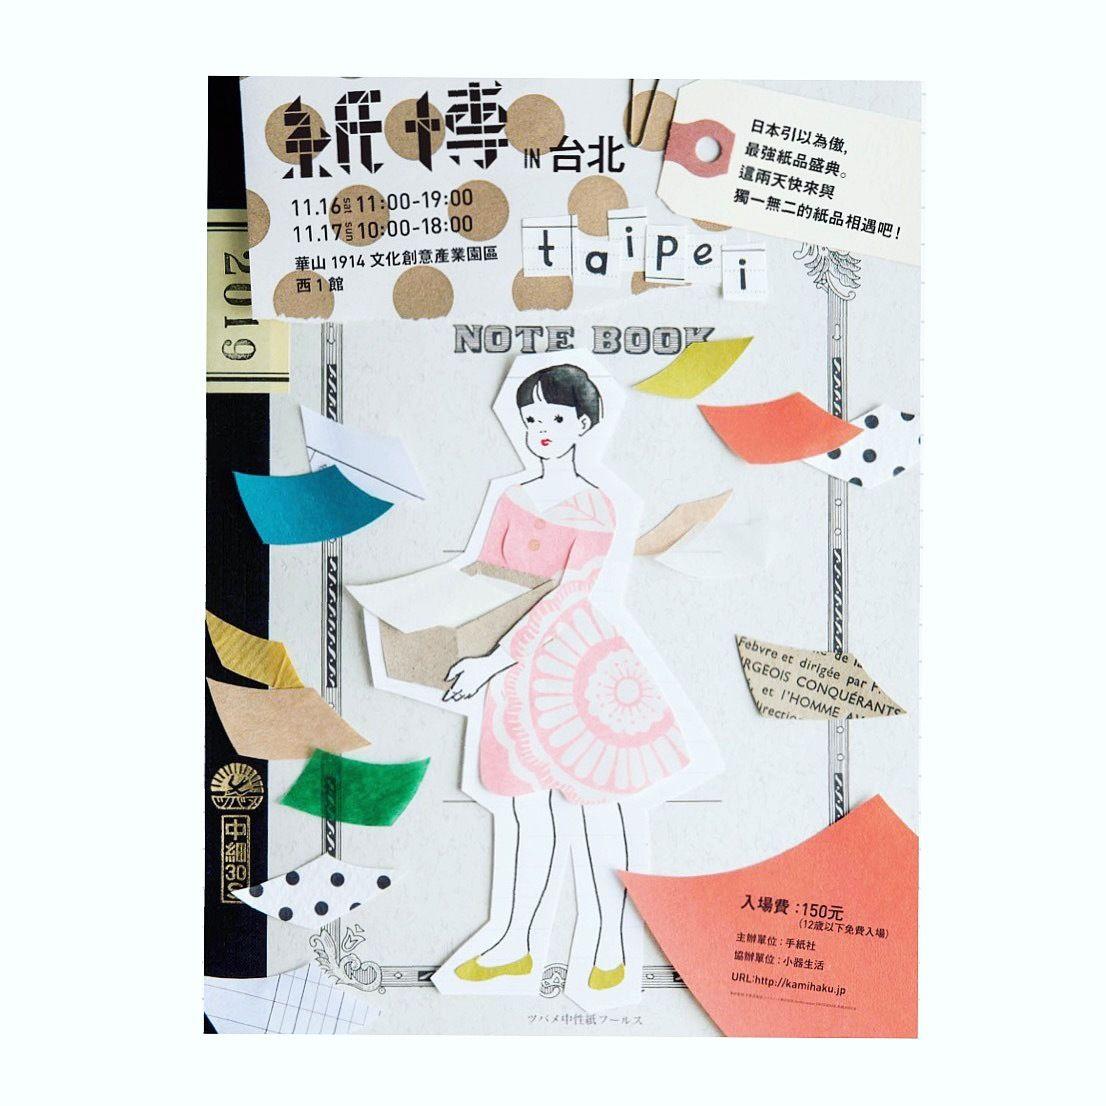 紙博in台北